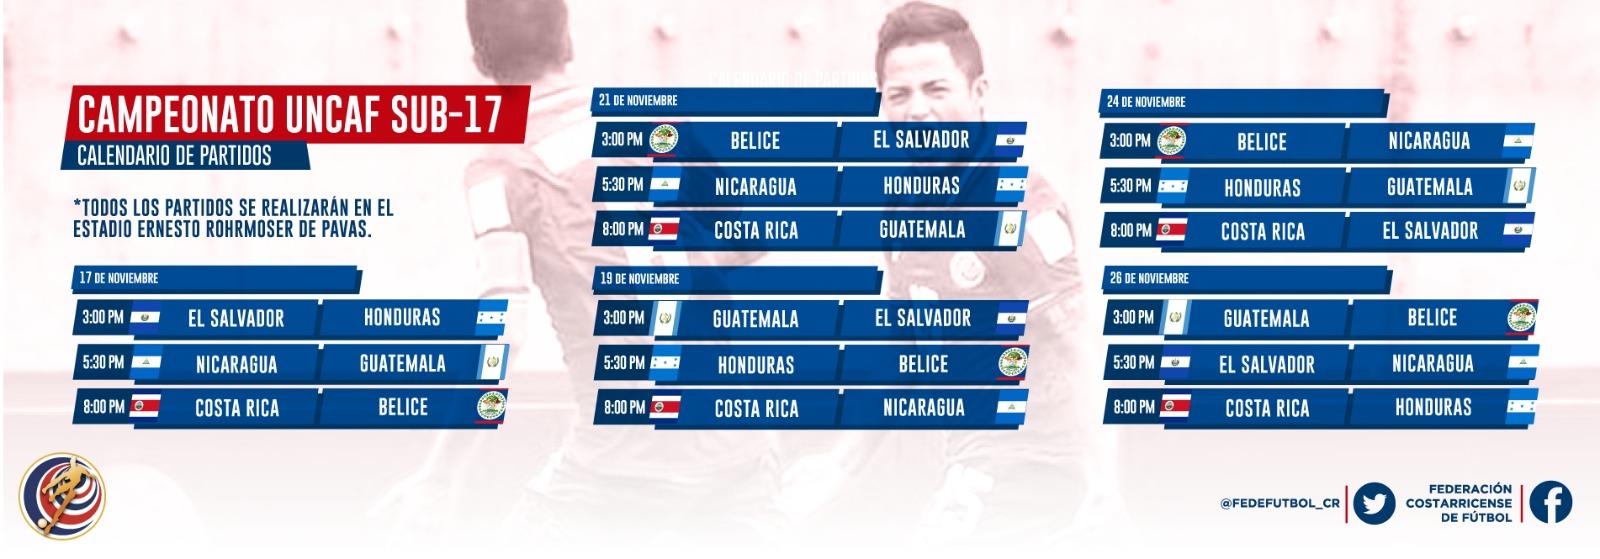 Definido calendario para torneo UNCAF sub 17